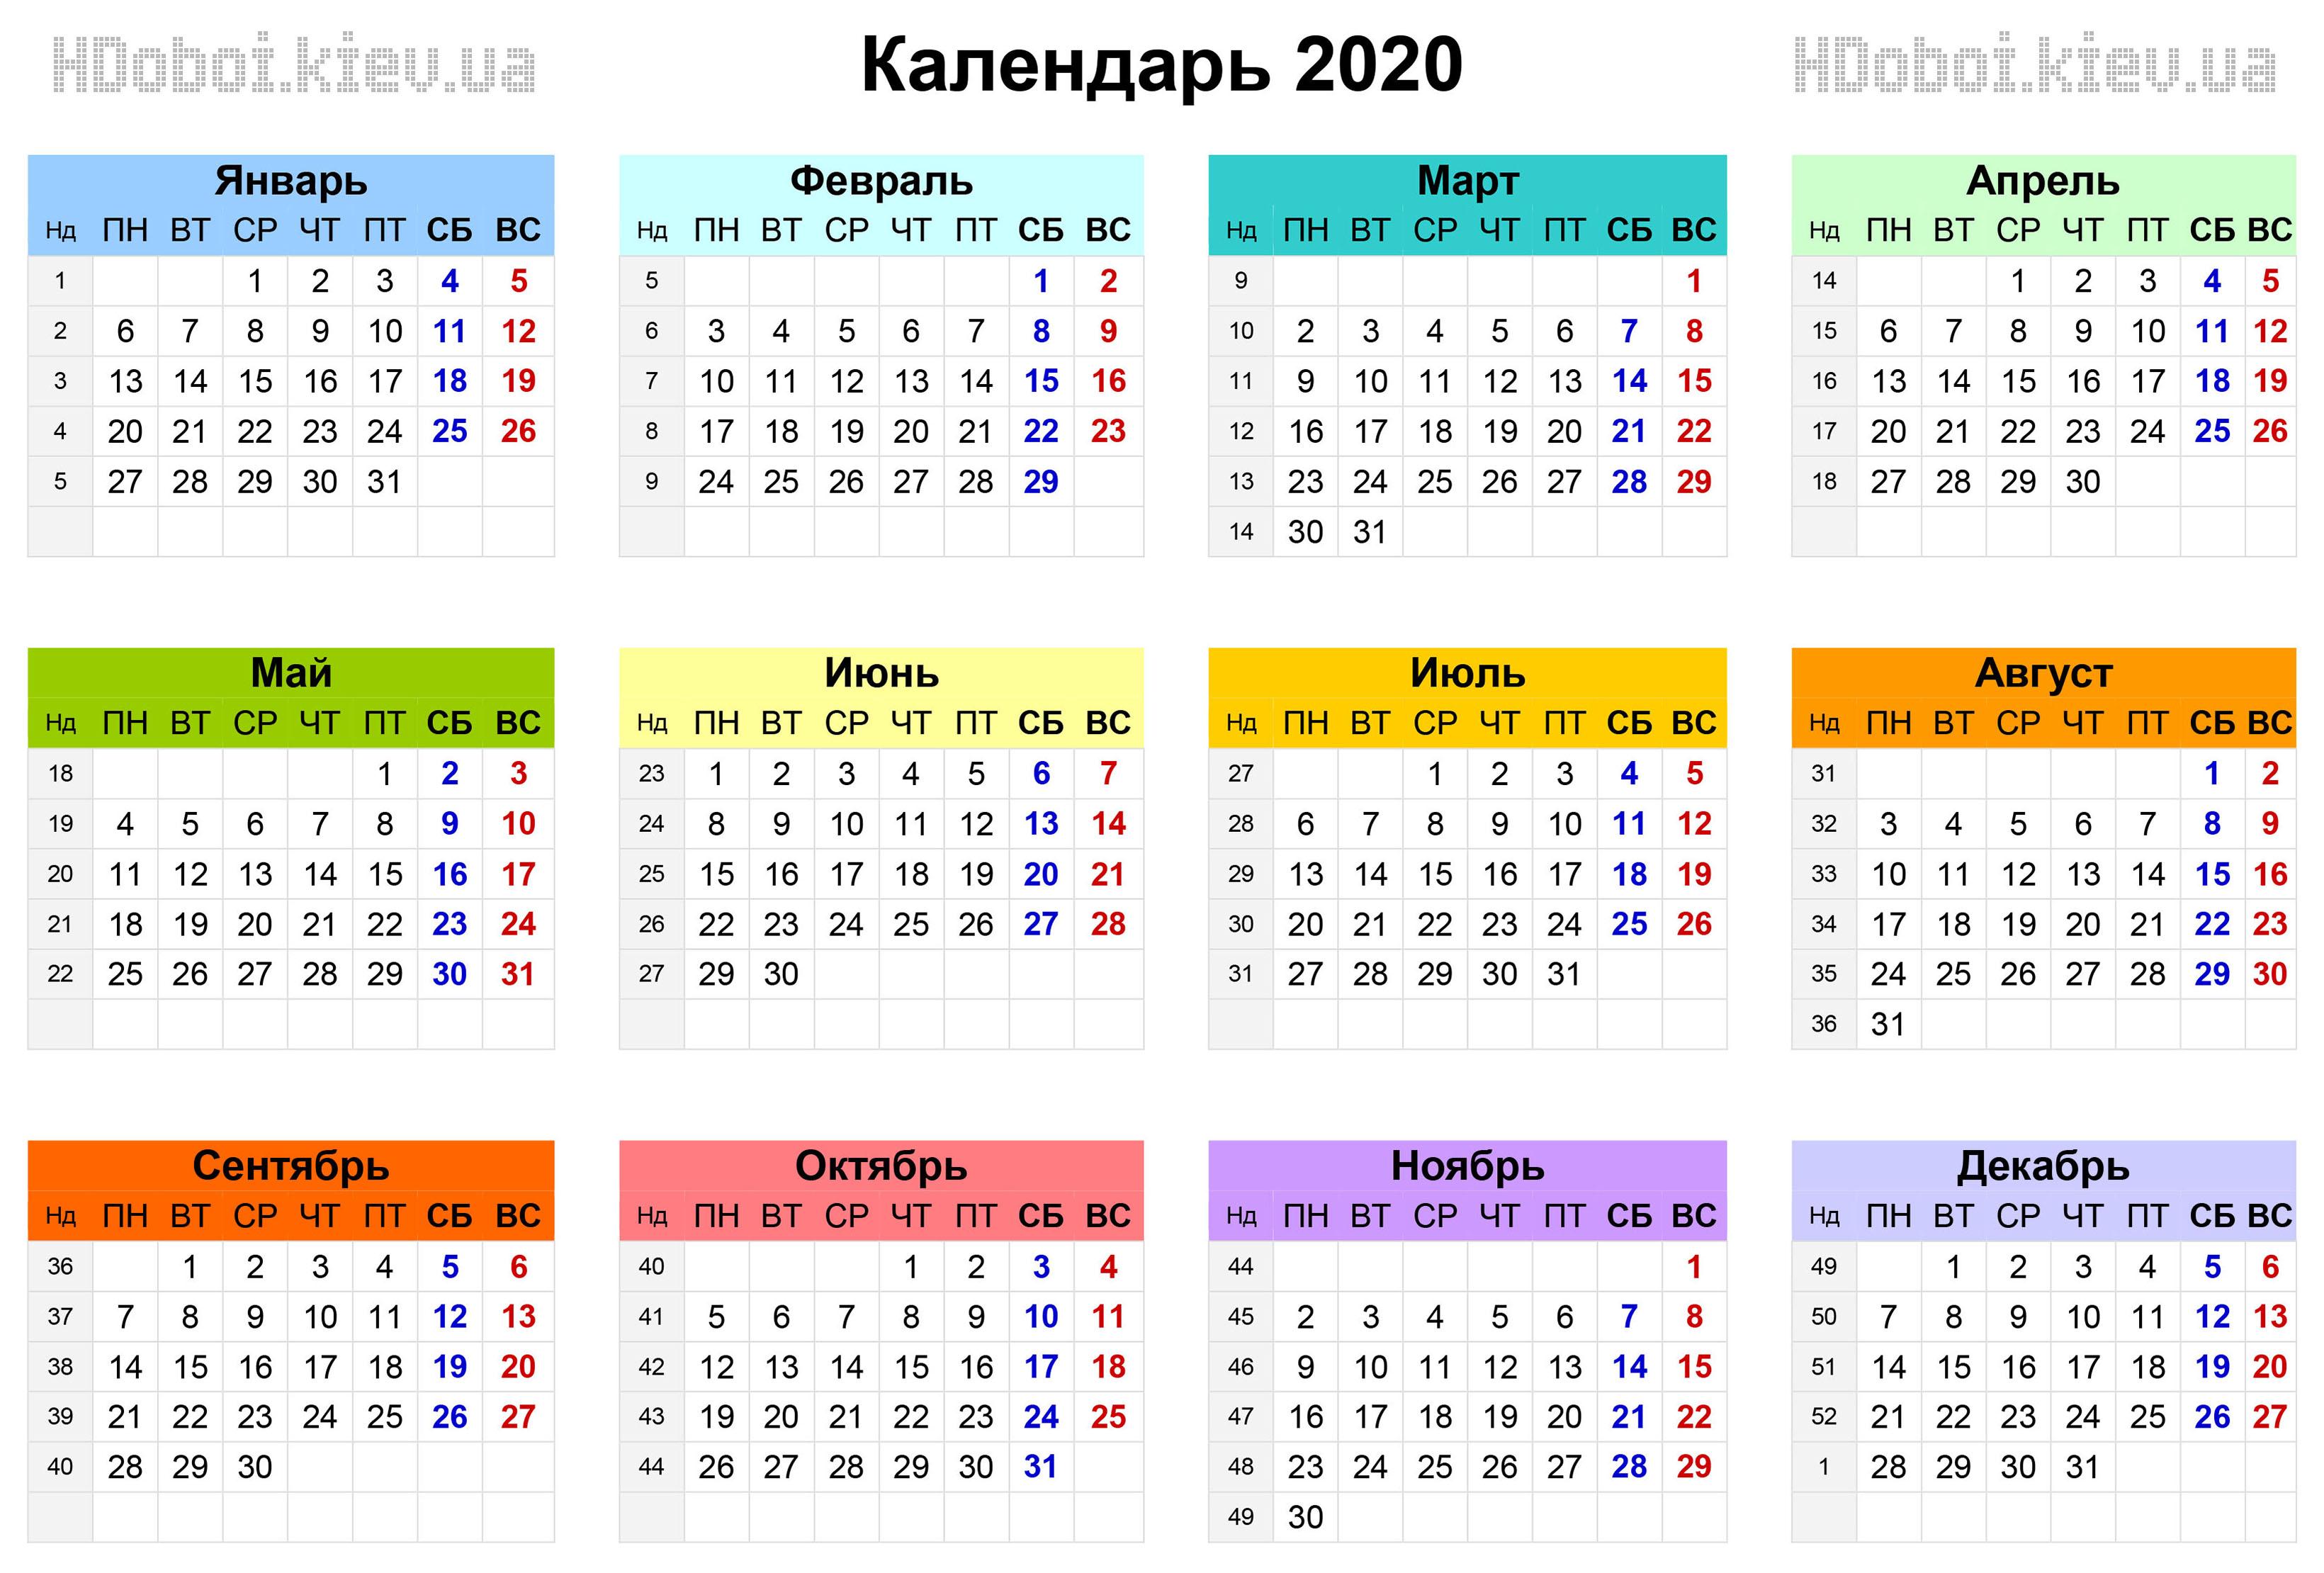 Календарь 2020 год скачать, 3280 на 2220 пикселей